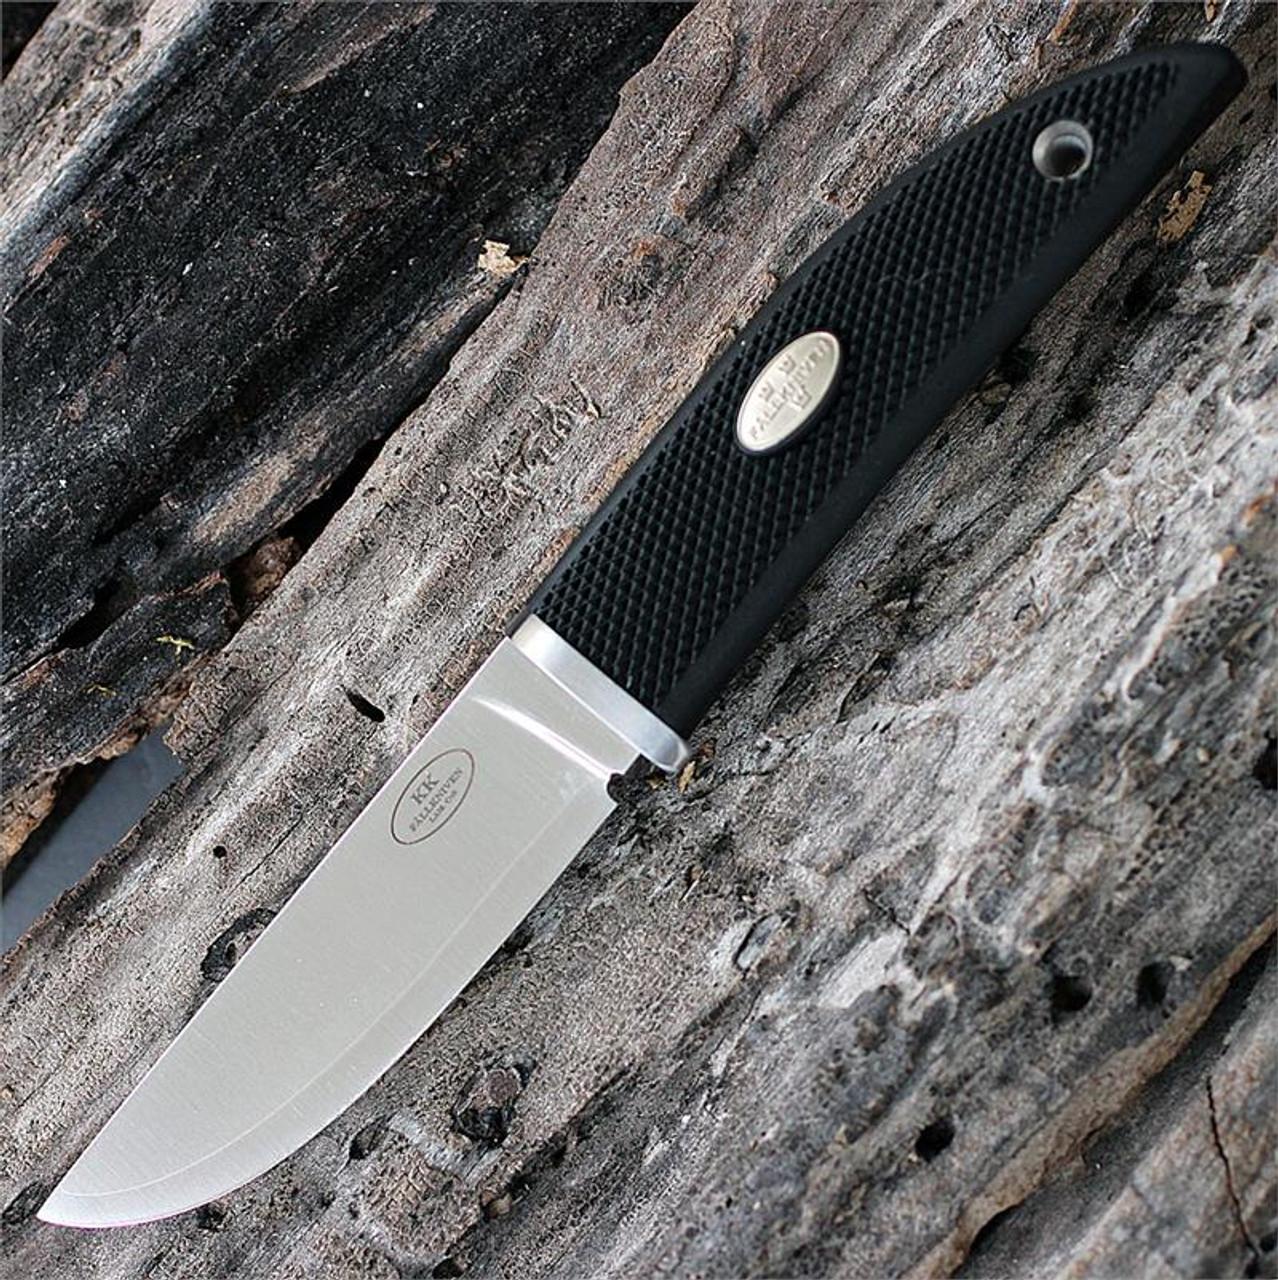 Fallkniven KKL Kolt Survival Knife 3.34 in Lam.CoS Blade Steel